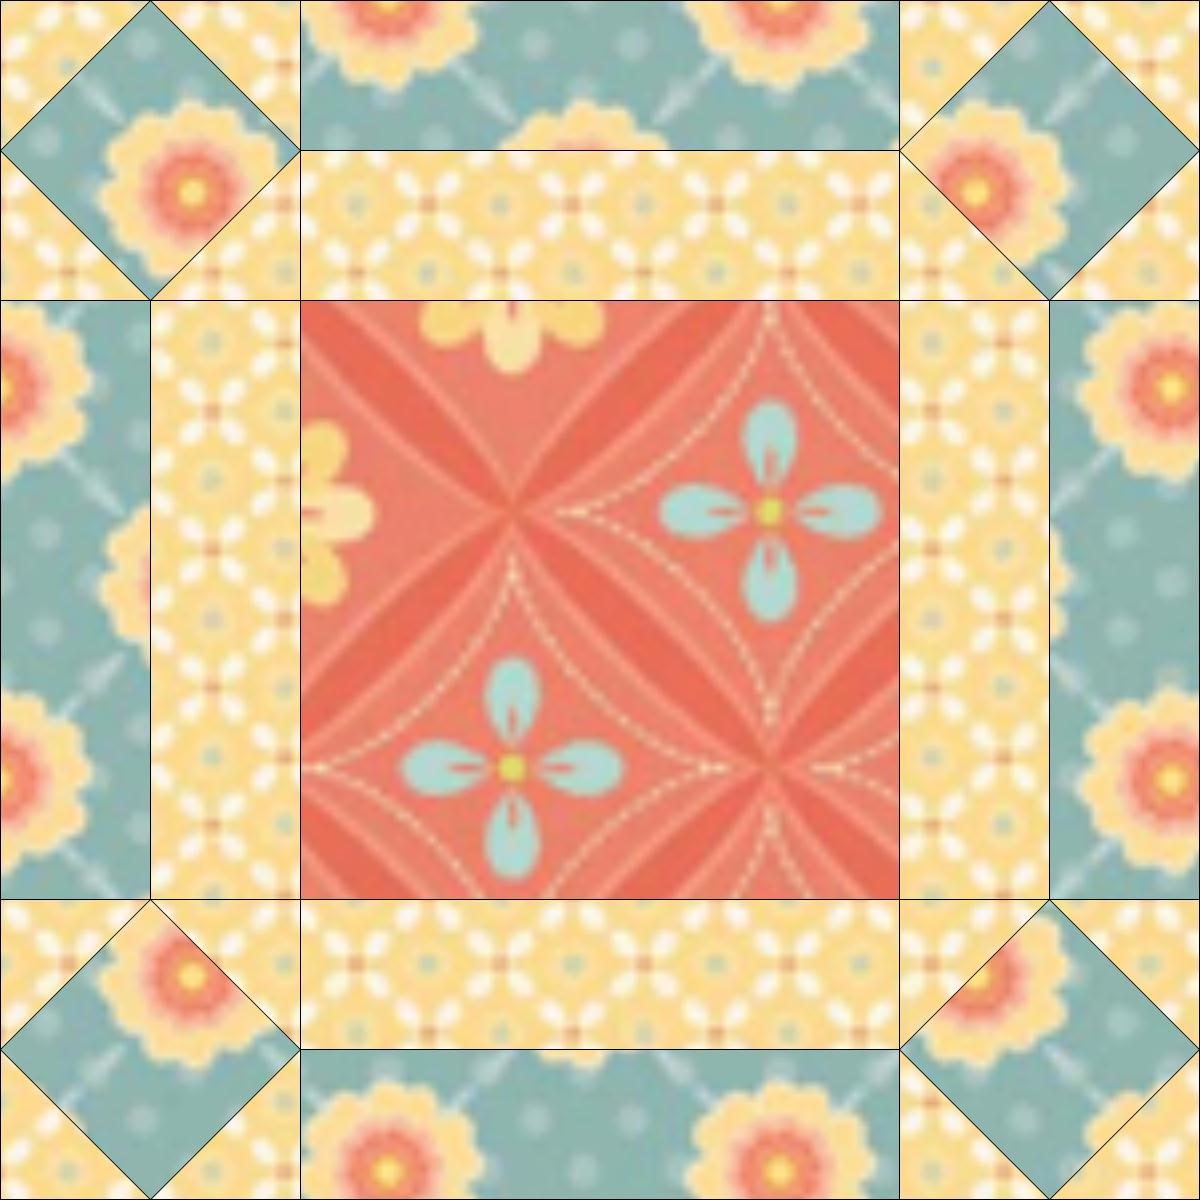 The Broken Wheel quilt design